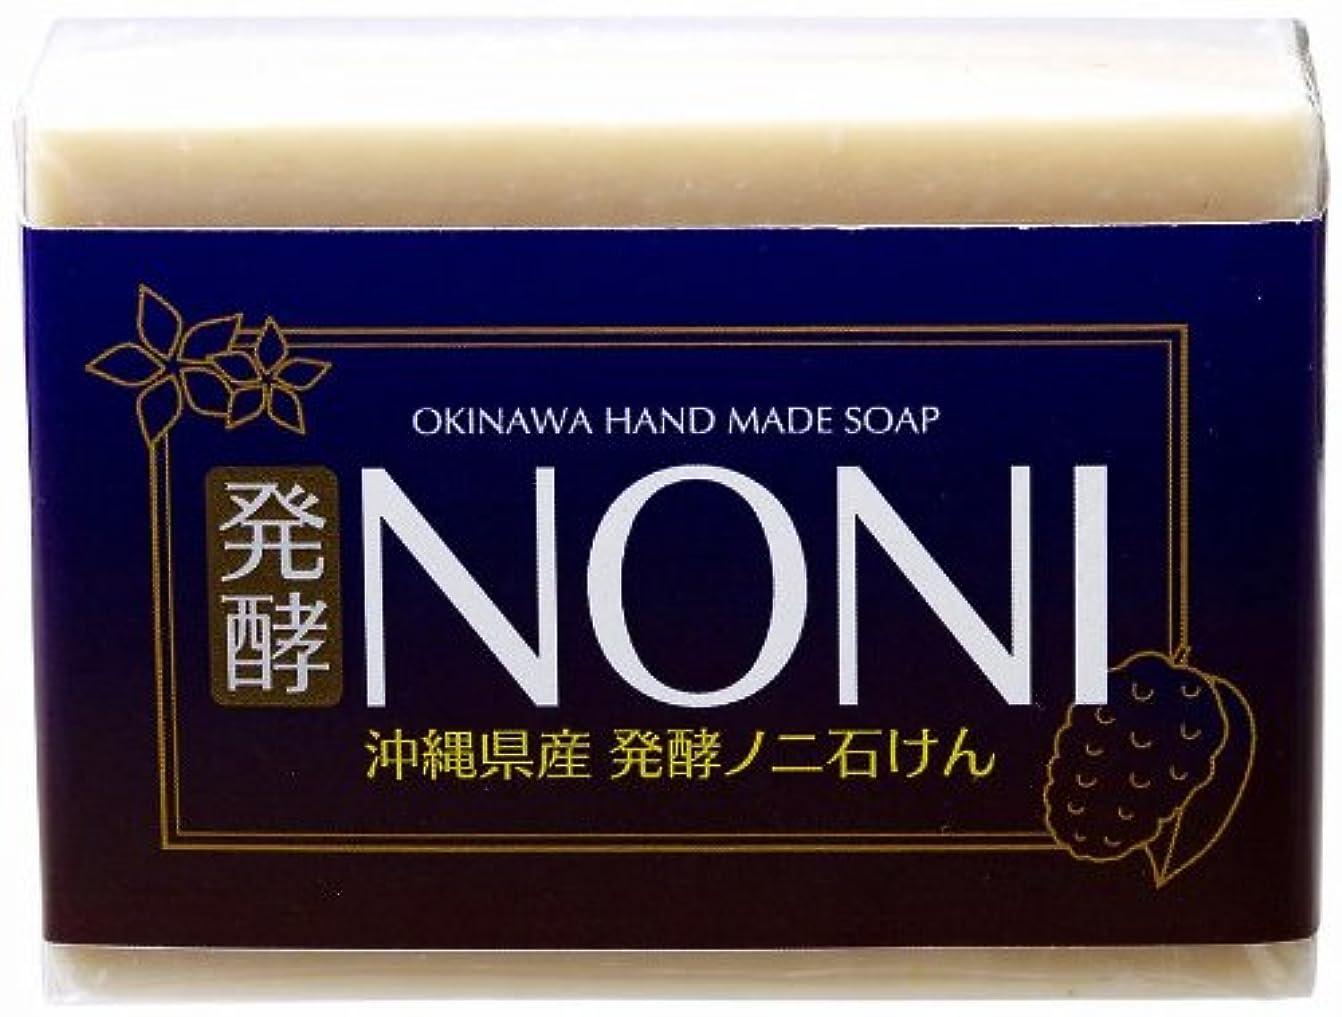 子供達改修欲望沖縄 手作り ナチュラル洗顔 NONI石鹸 100g×4個 GreenEarth 発酵ノニを使用した保湿力の高いナチュラルソープ